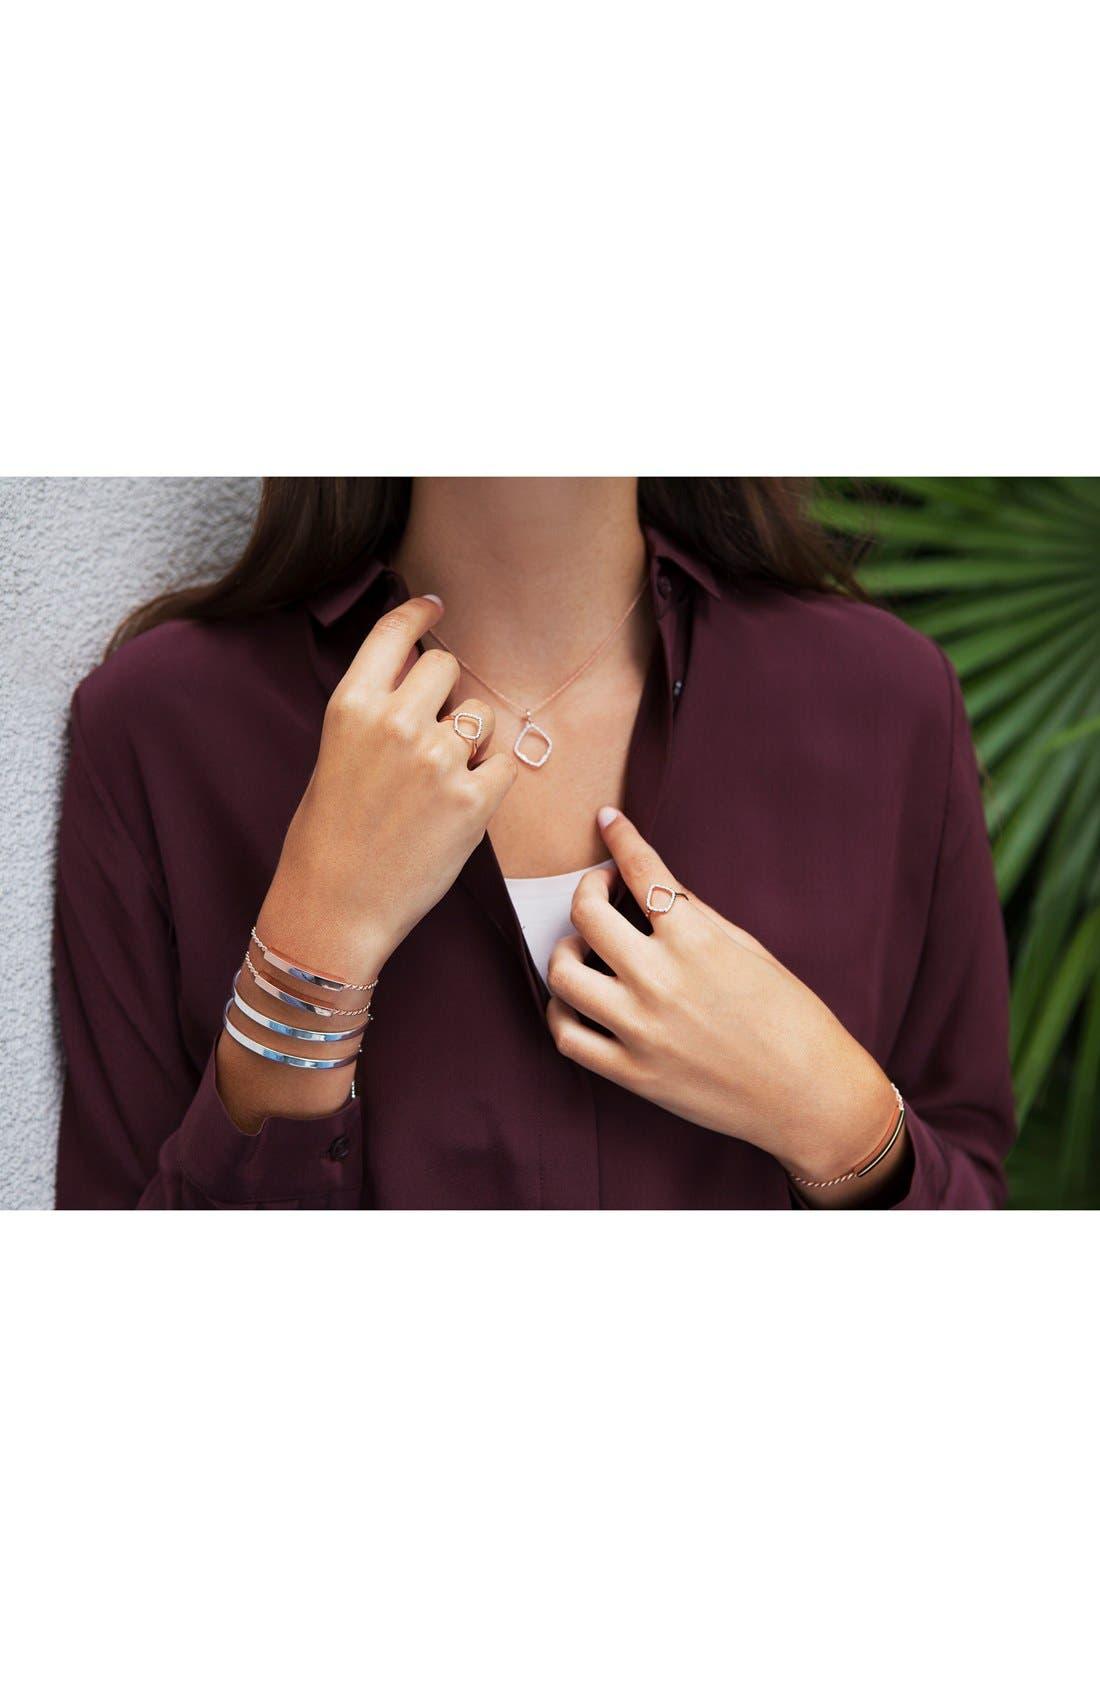 Engravable Linear Friendship Chain Bracelet,                             Alternate thumbnail 3, color,                             SILVER